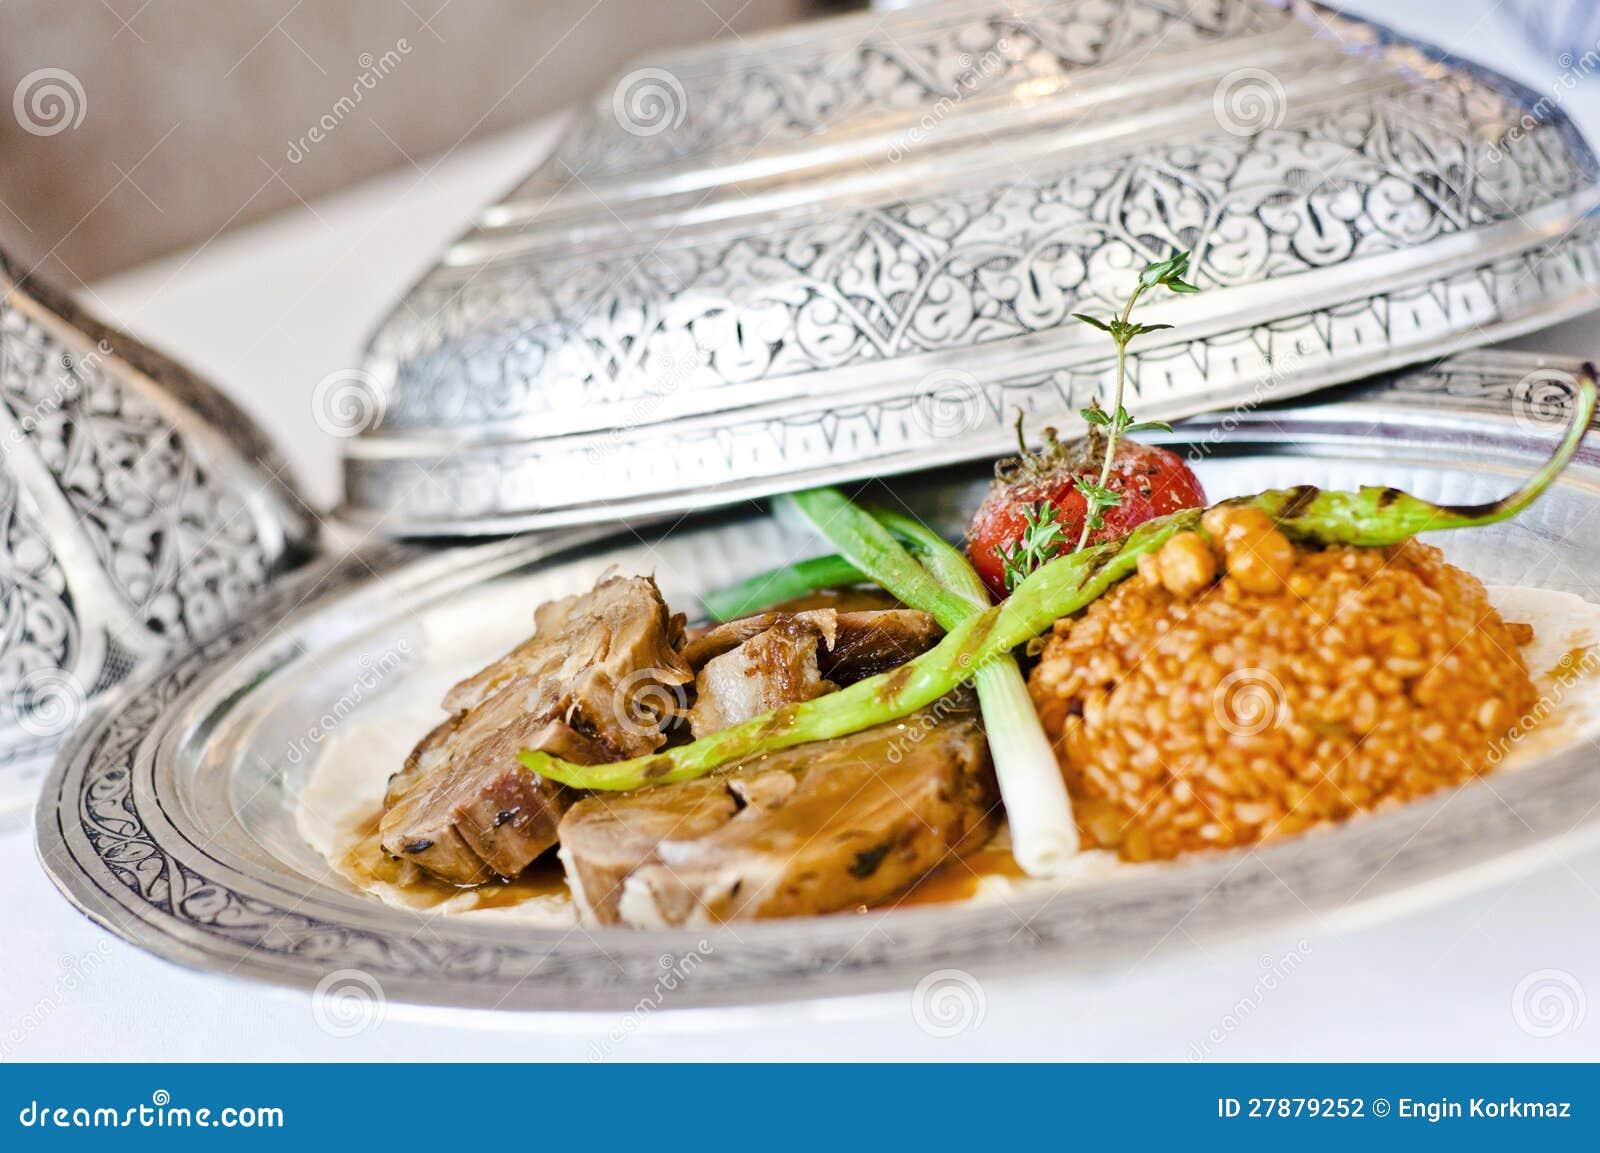 Cuisine turc les meilleures recettes de cuisine turque for Cuisine turque